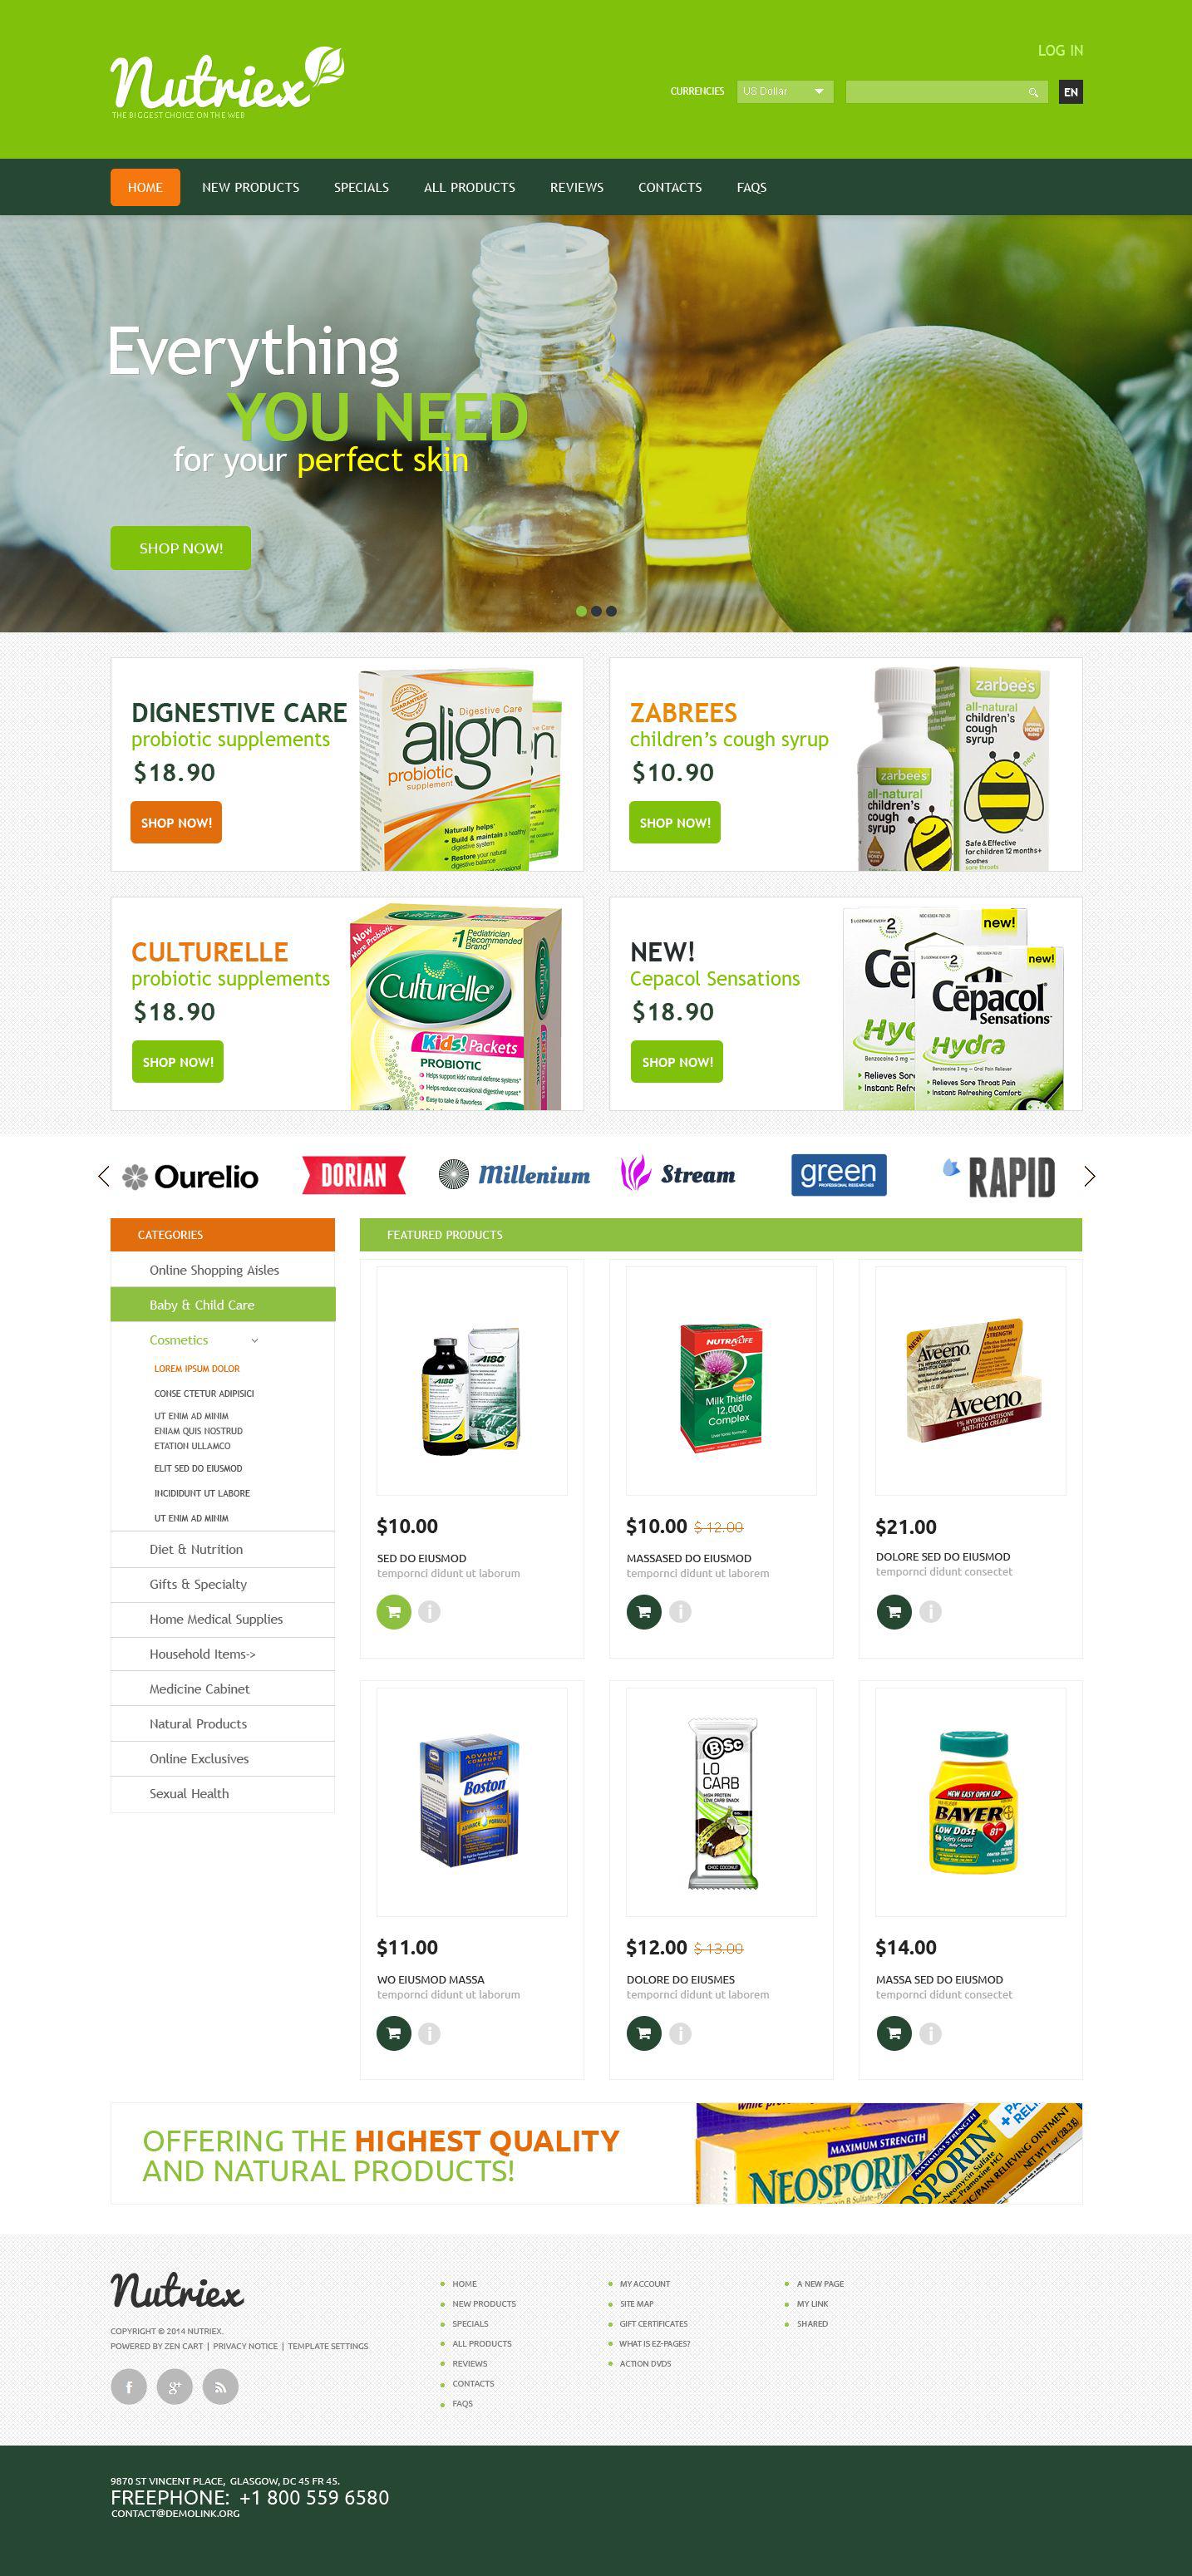 Szablon ZenCart Skin Care #52367 - zrzut ekranu